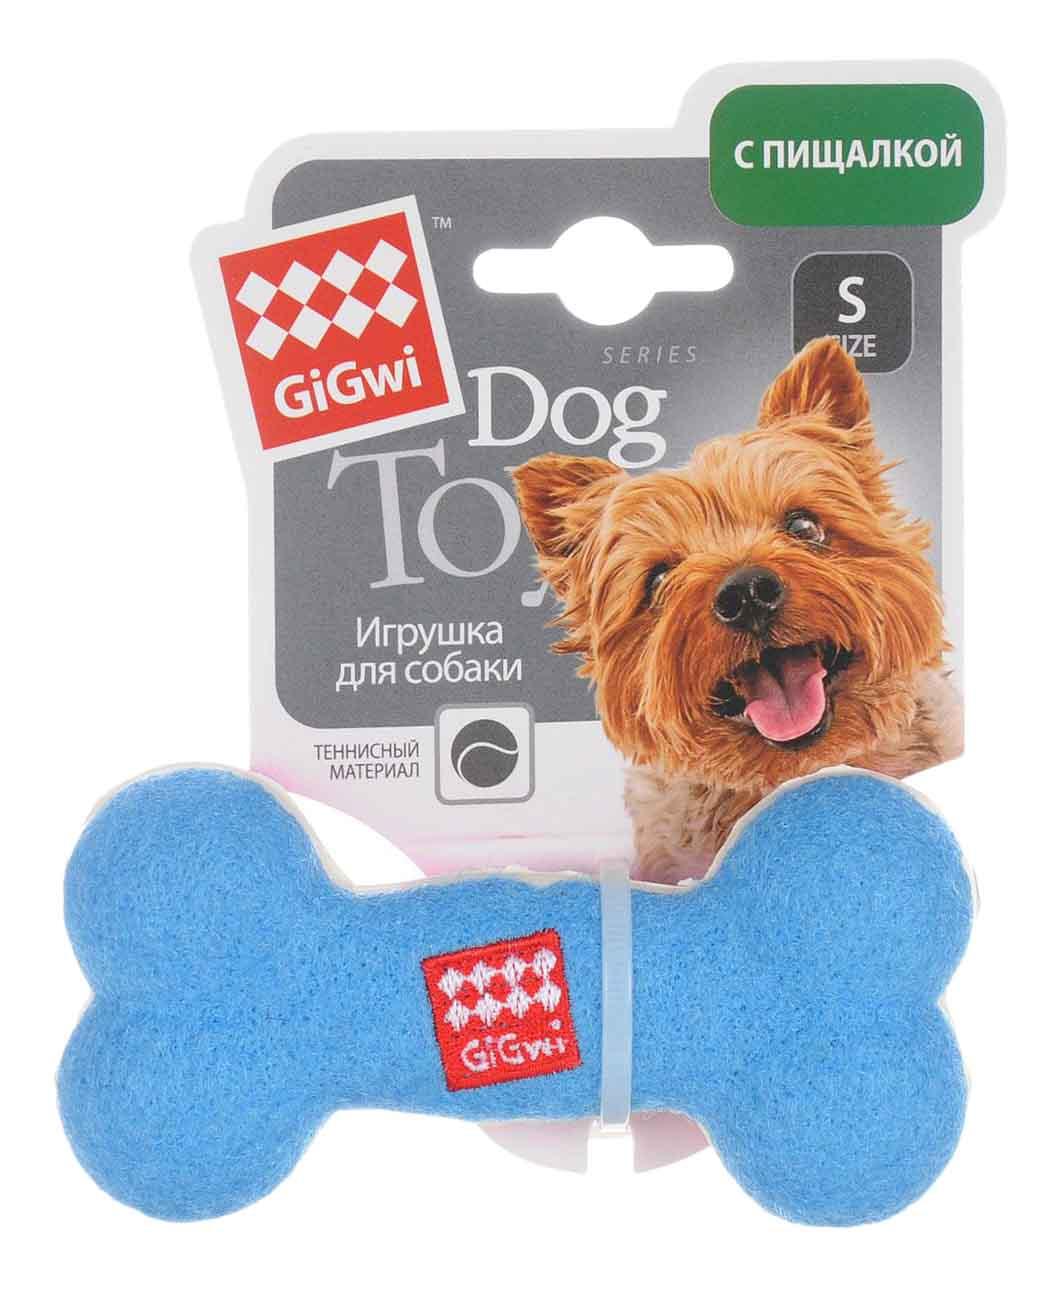 Жевательная игрушка для собак GiGwi Кость с пищалкой Малая, длина 11 см